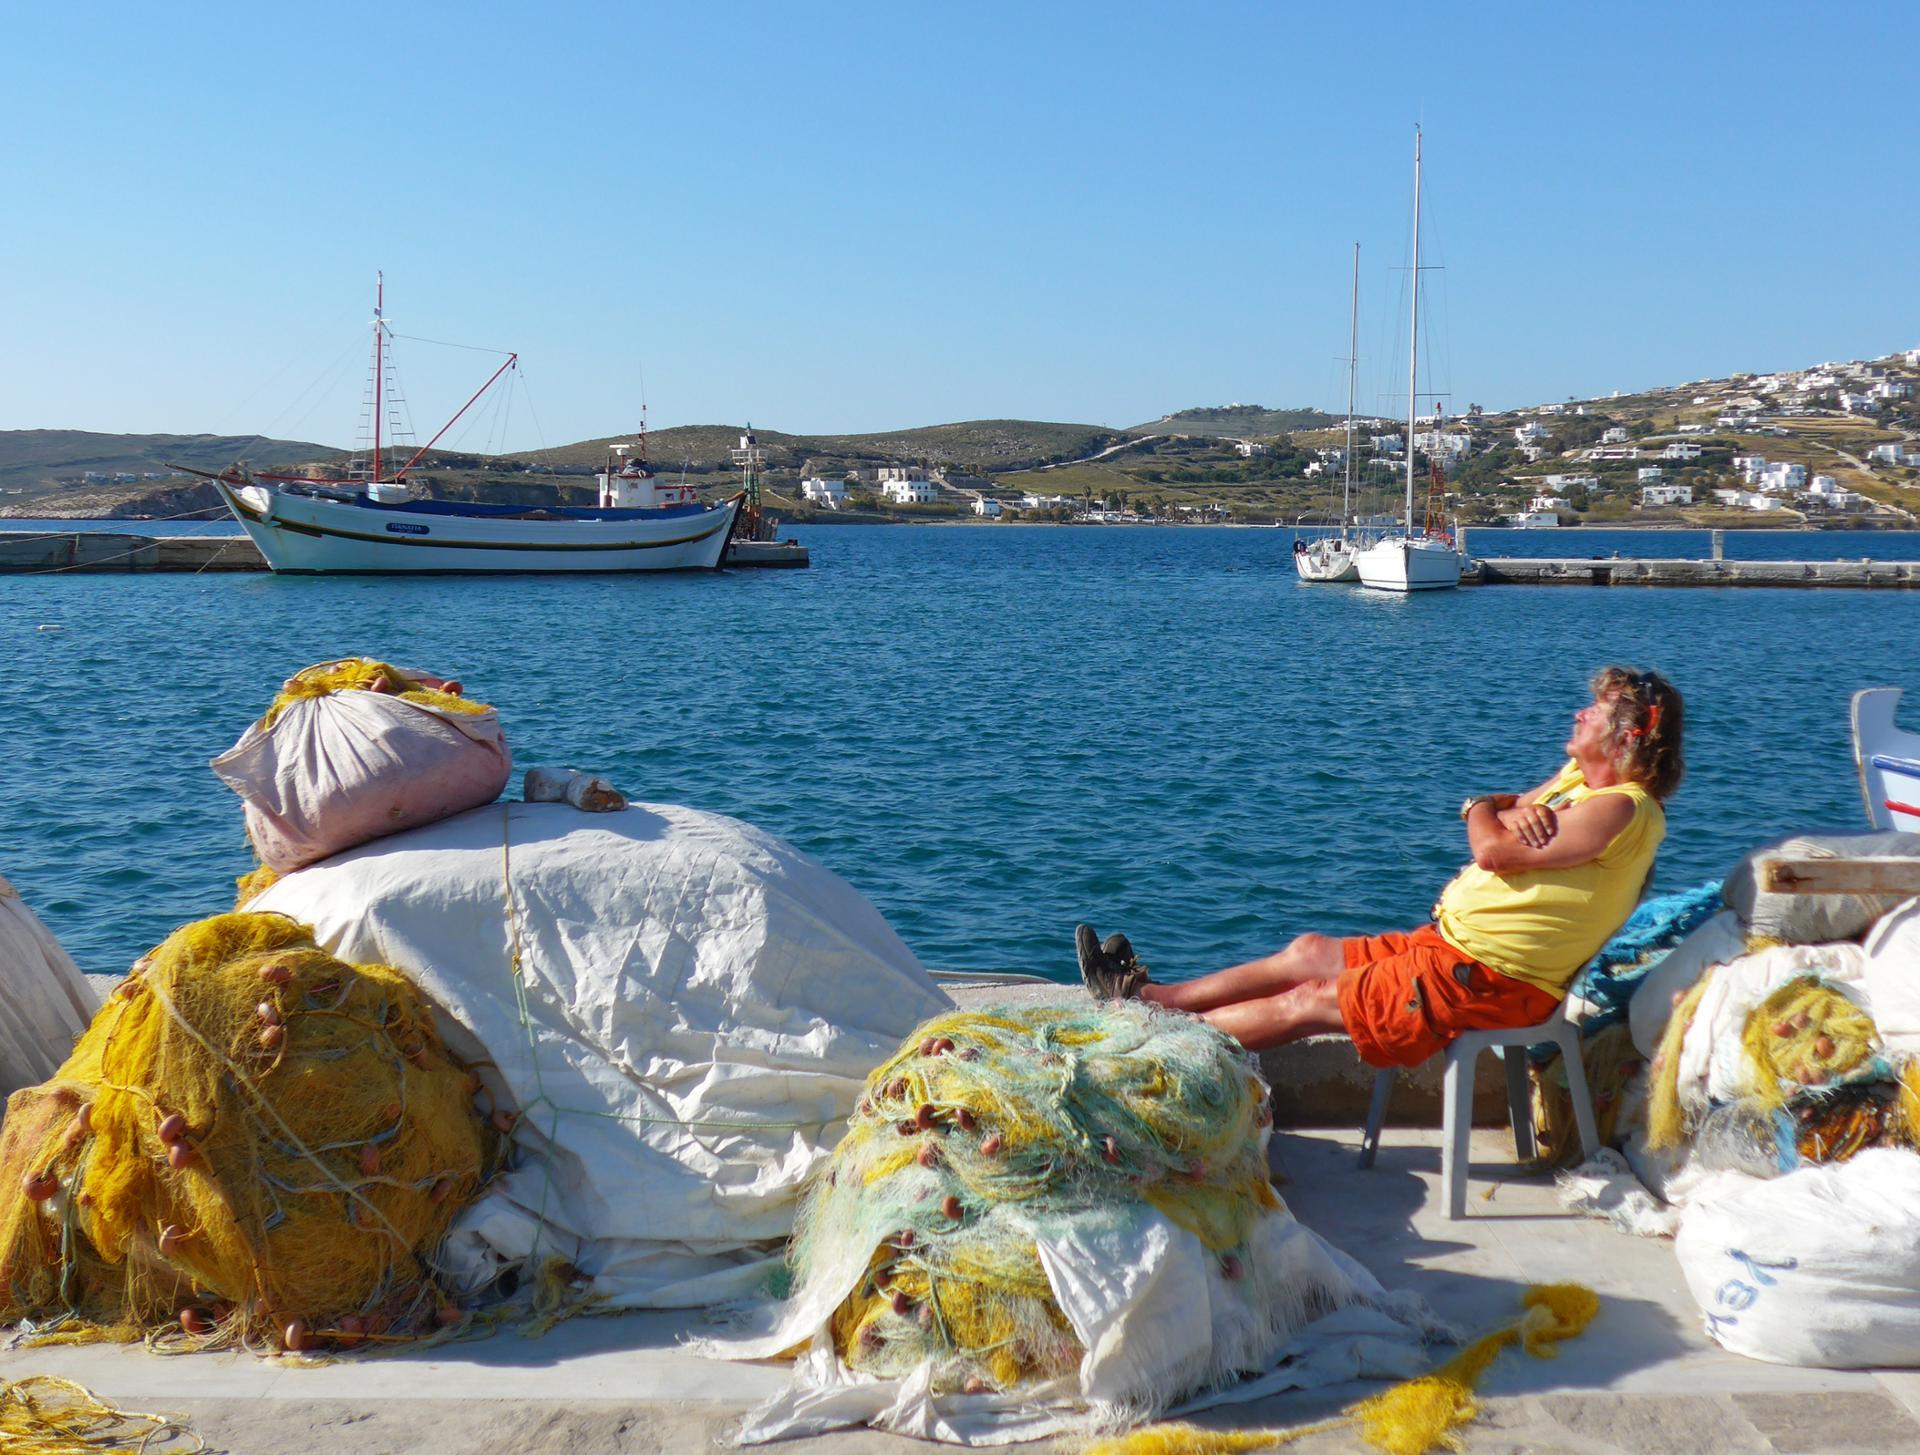 La pause du pêcheur - Cyclades